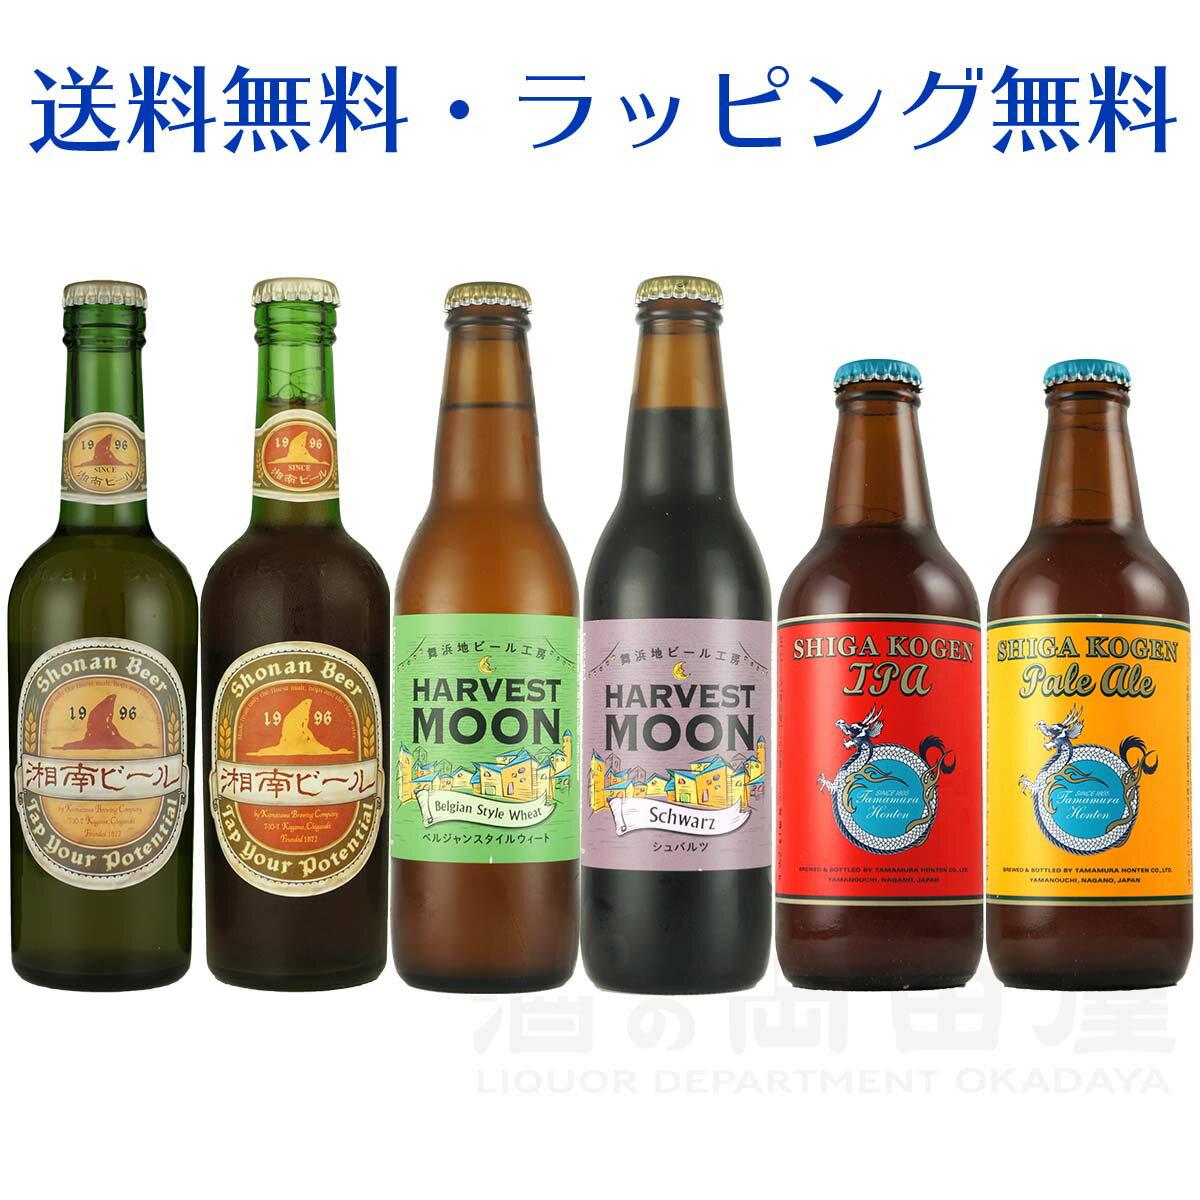 湘南ビール ハーベストムーン 志賀高原ビールクラフトビール 6本 飲み比べセット地ビール 詰め合わせセット 飲み比べ ビール ギフト 宅飲み 家飲み